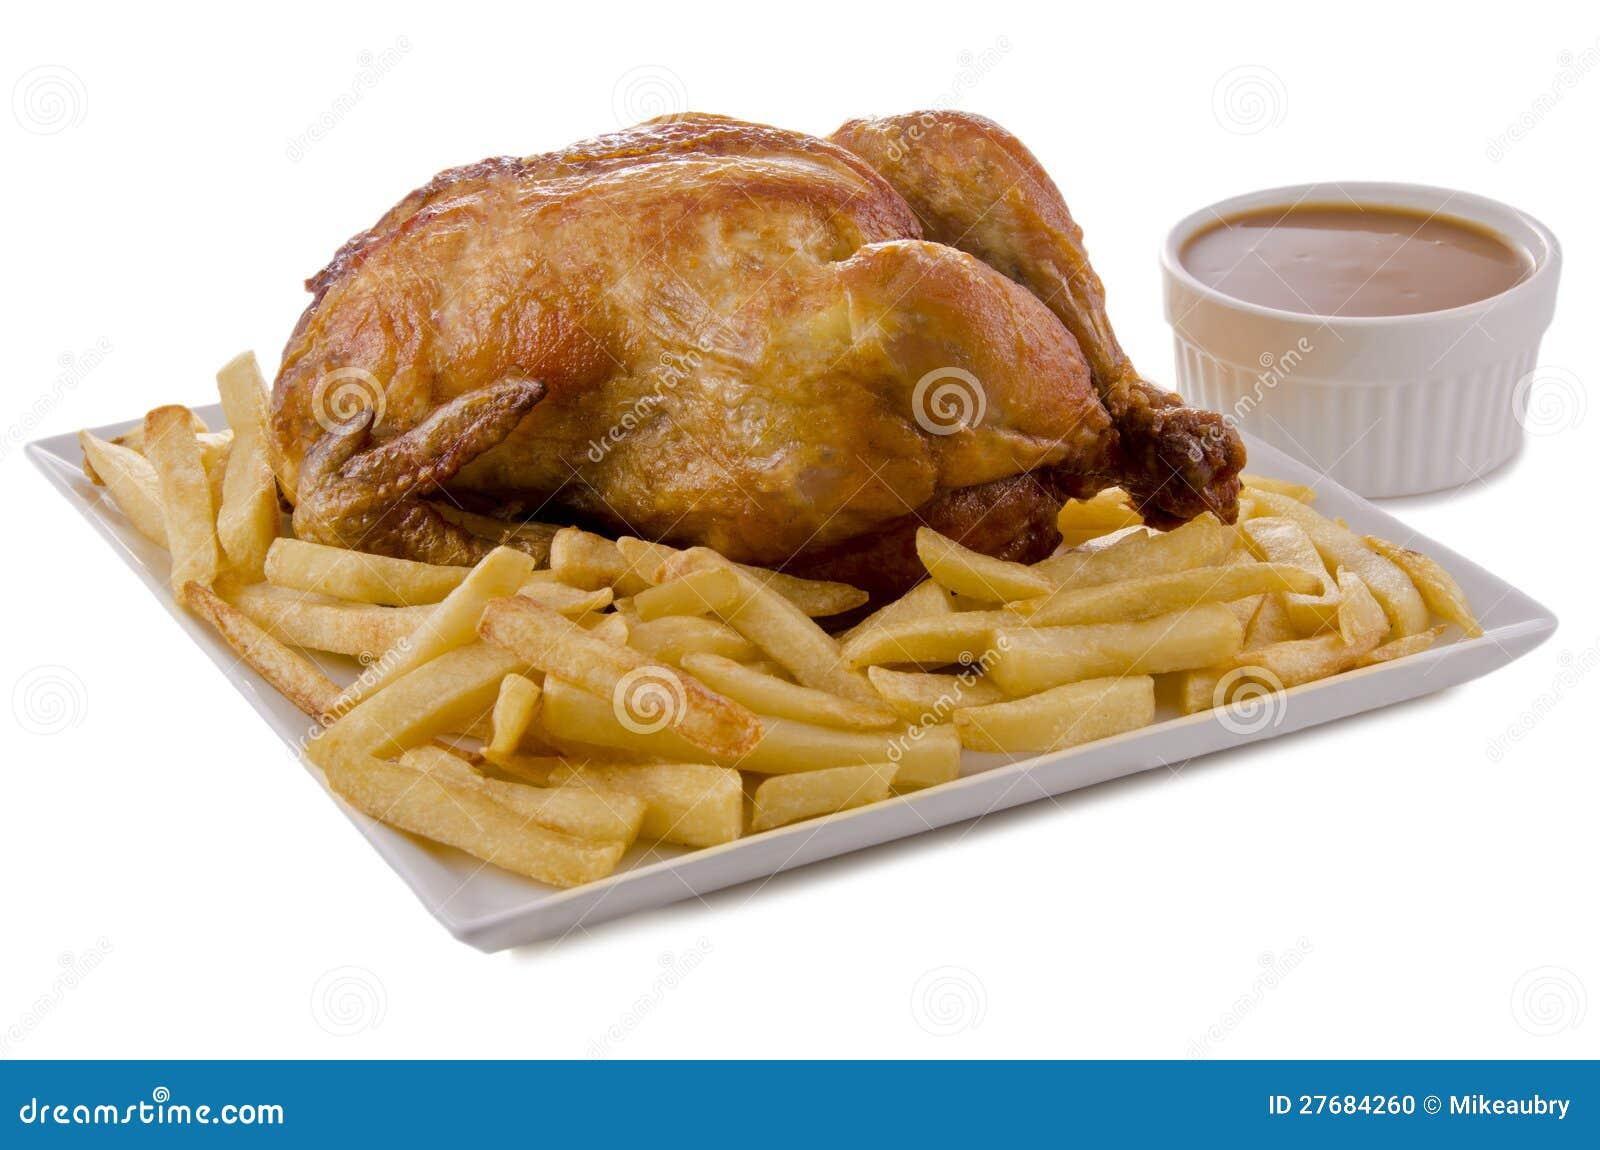 Pollo y patatas fritas asados foto de archivo imagen de - Salsa para pollos asados ...